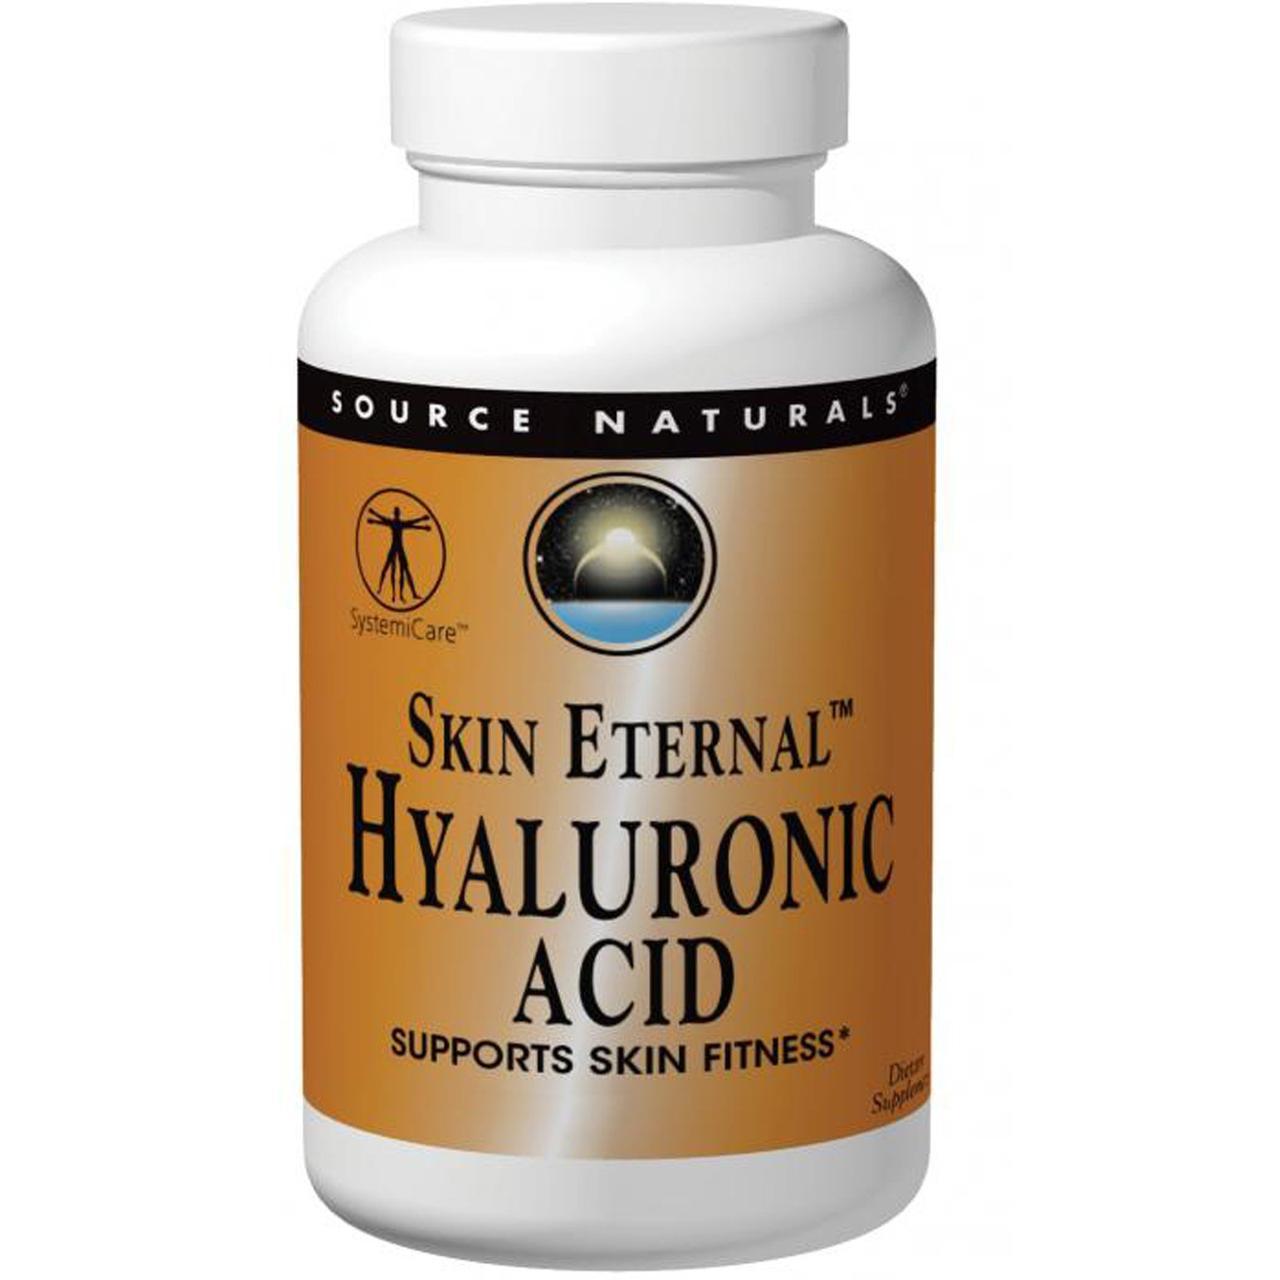 Гиалуроновая кислота Source Naturals 50 мг Теанин Серен Skin Eternal 60 таблеток (SN1625)